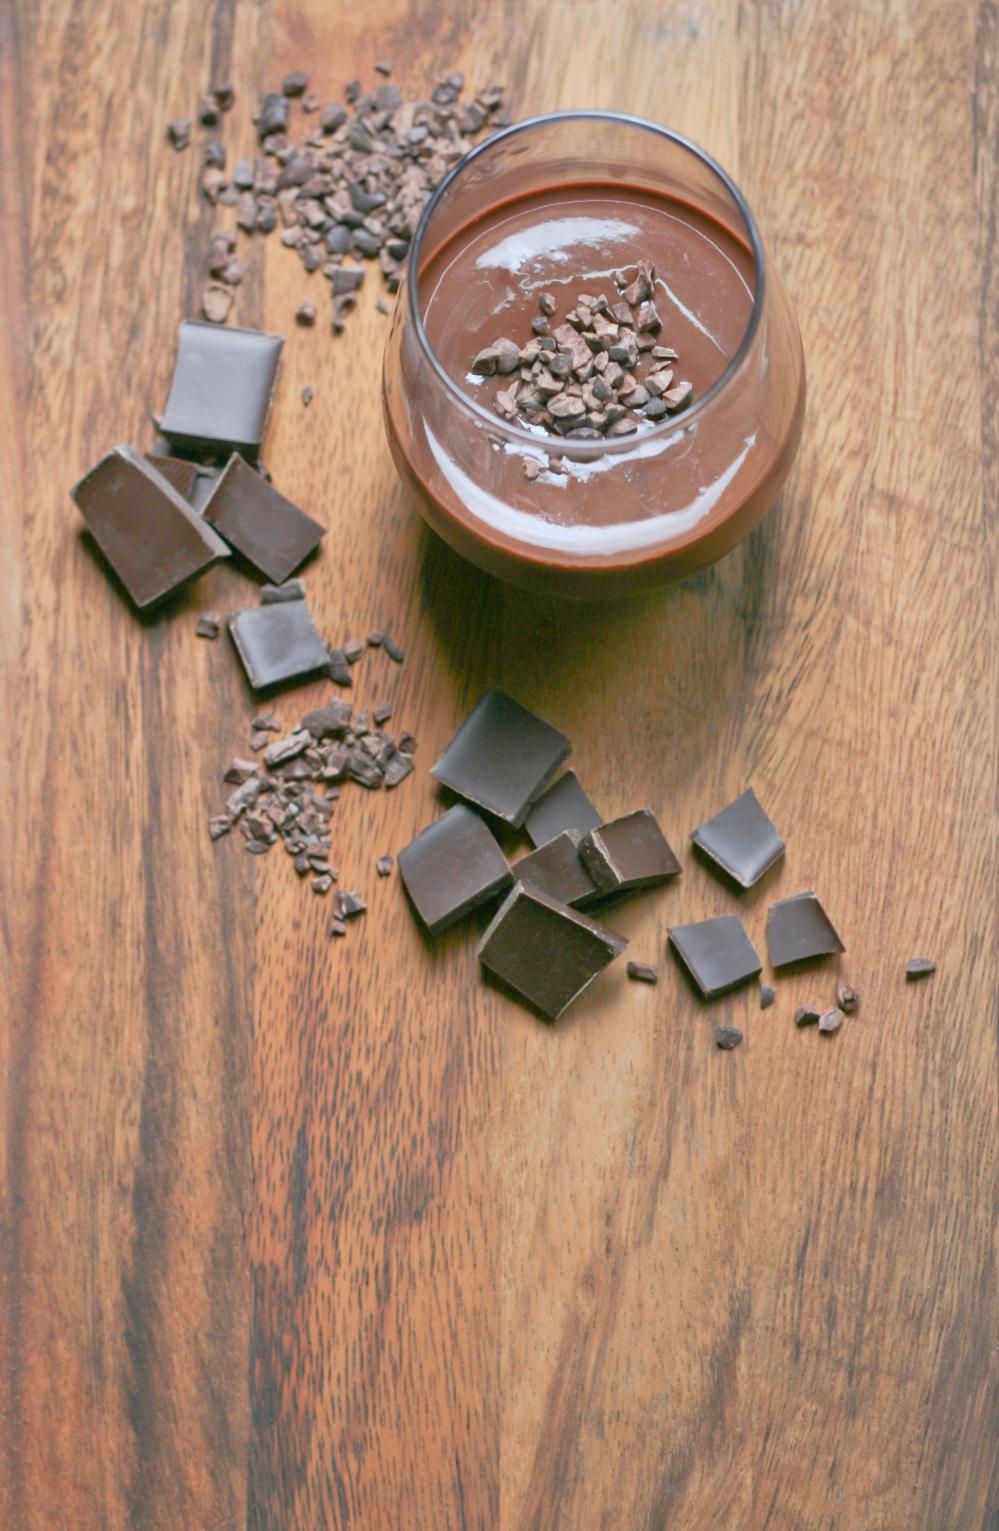 Chocolate custards